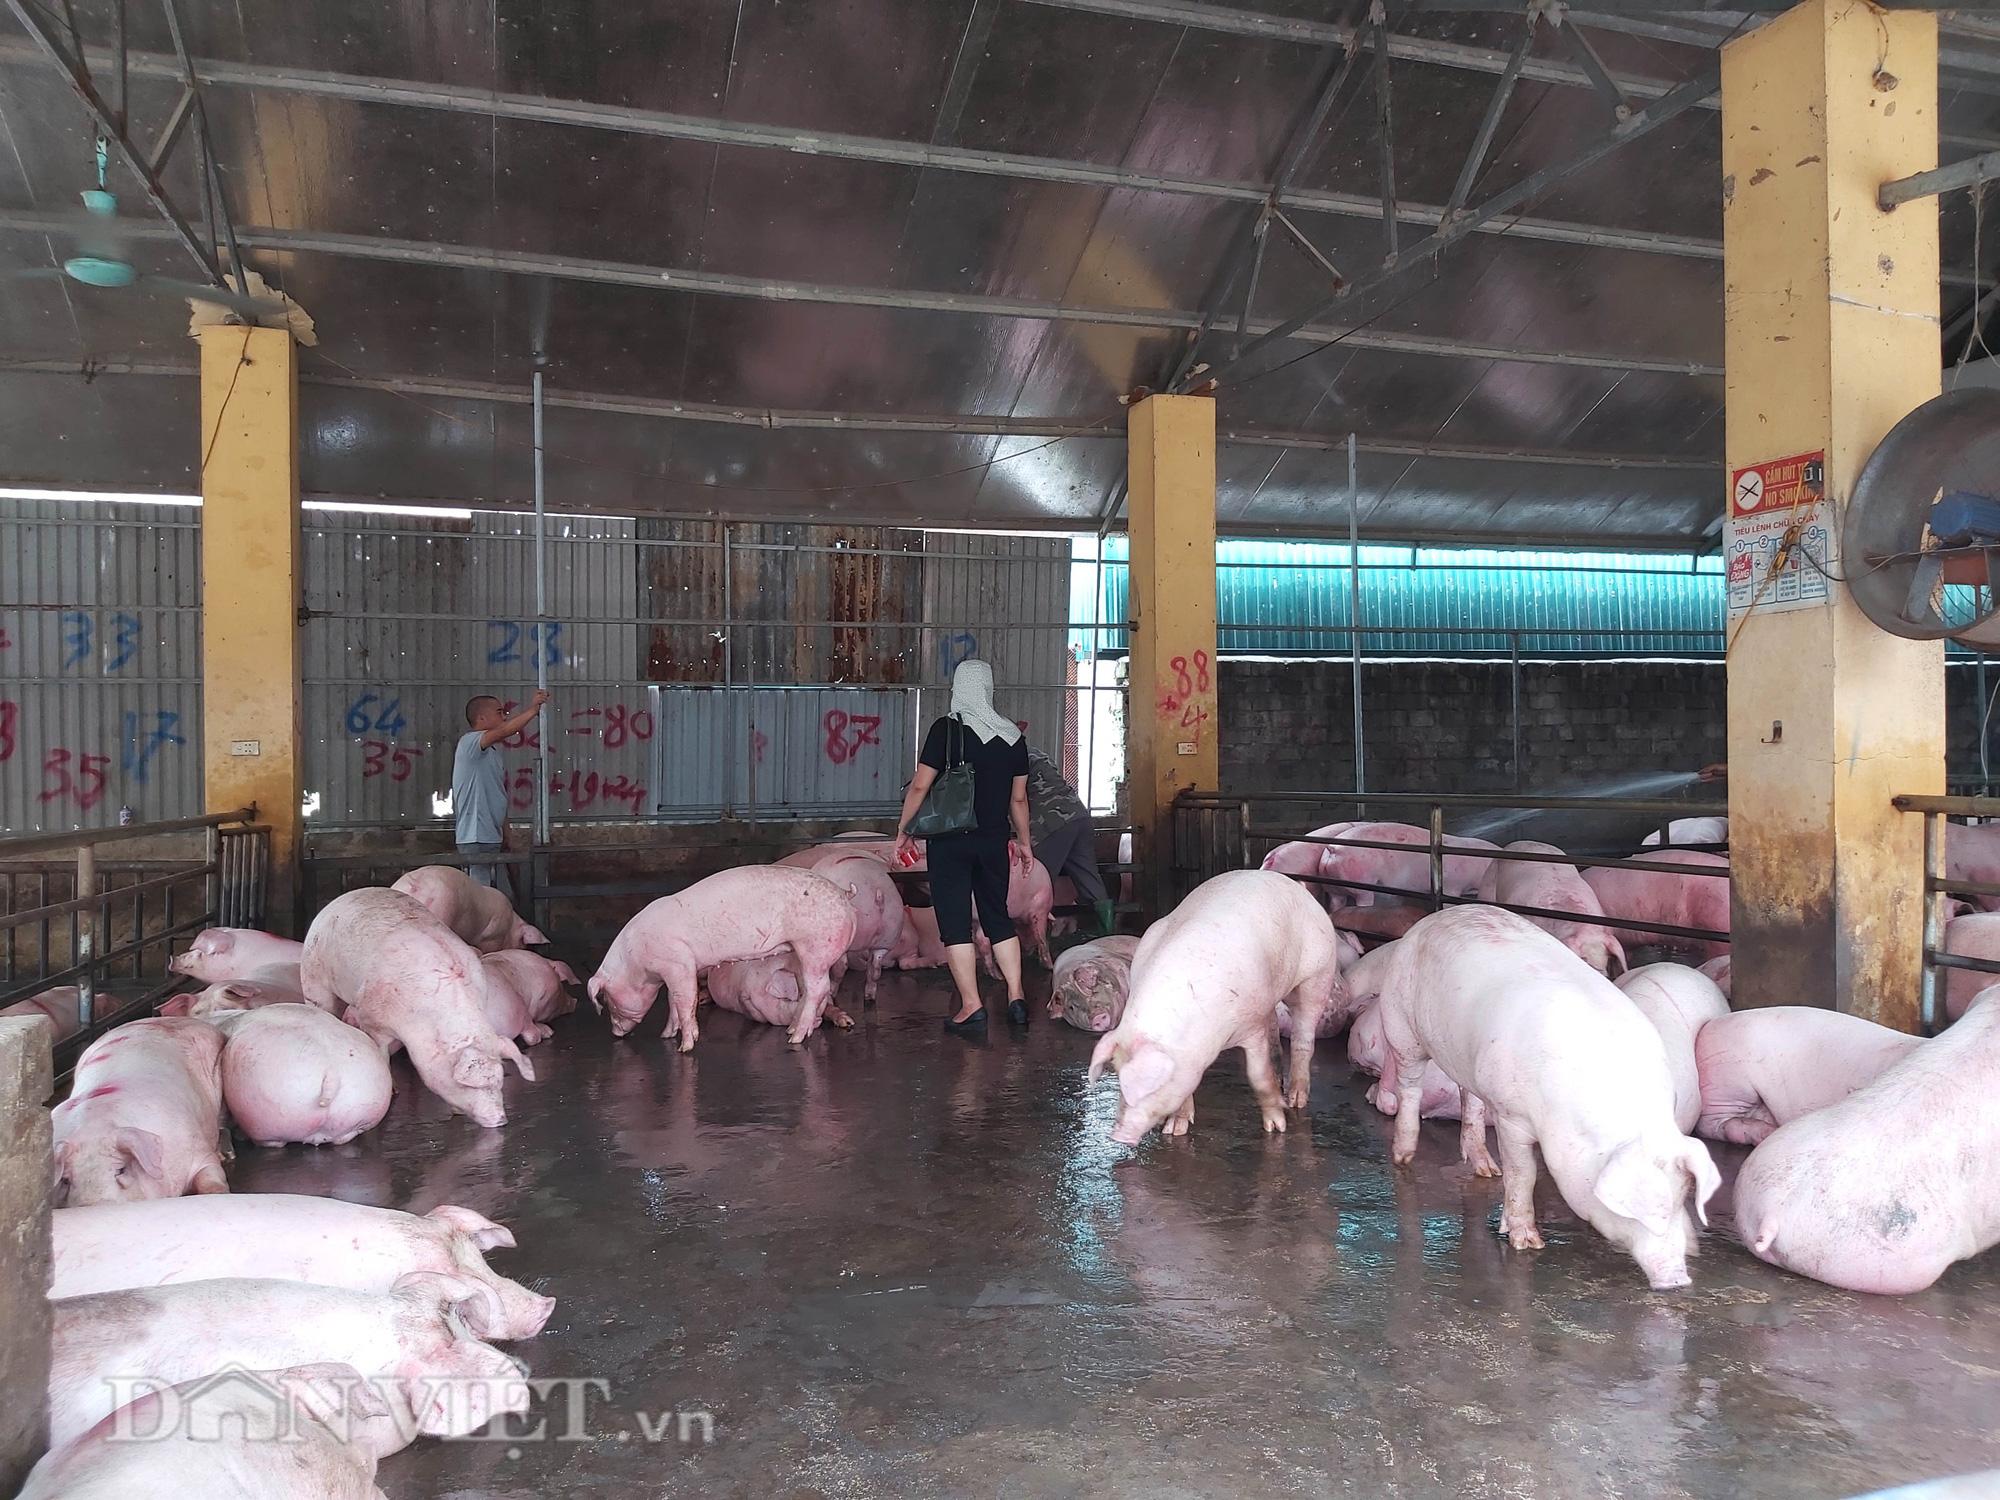 Chợ đầu mối lợn lớn nhất phía Bắc: cảnh mua bán tấp nập, giá lợn hơi tại chợ giảm từ 2.000 đồng - 4.000 đồng/kg - Ảnh 6.